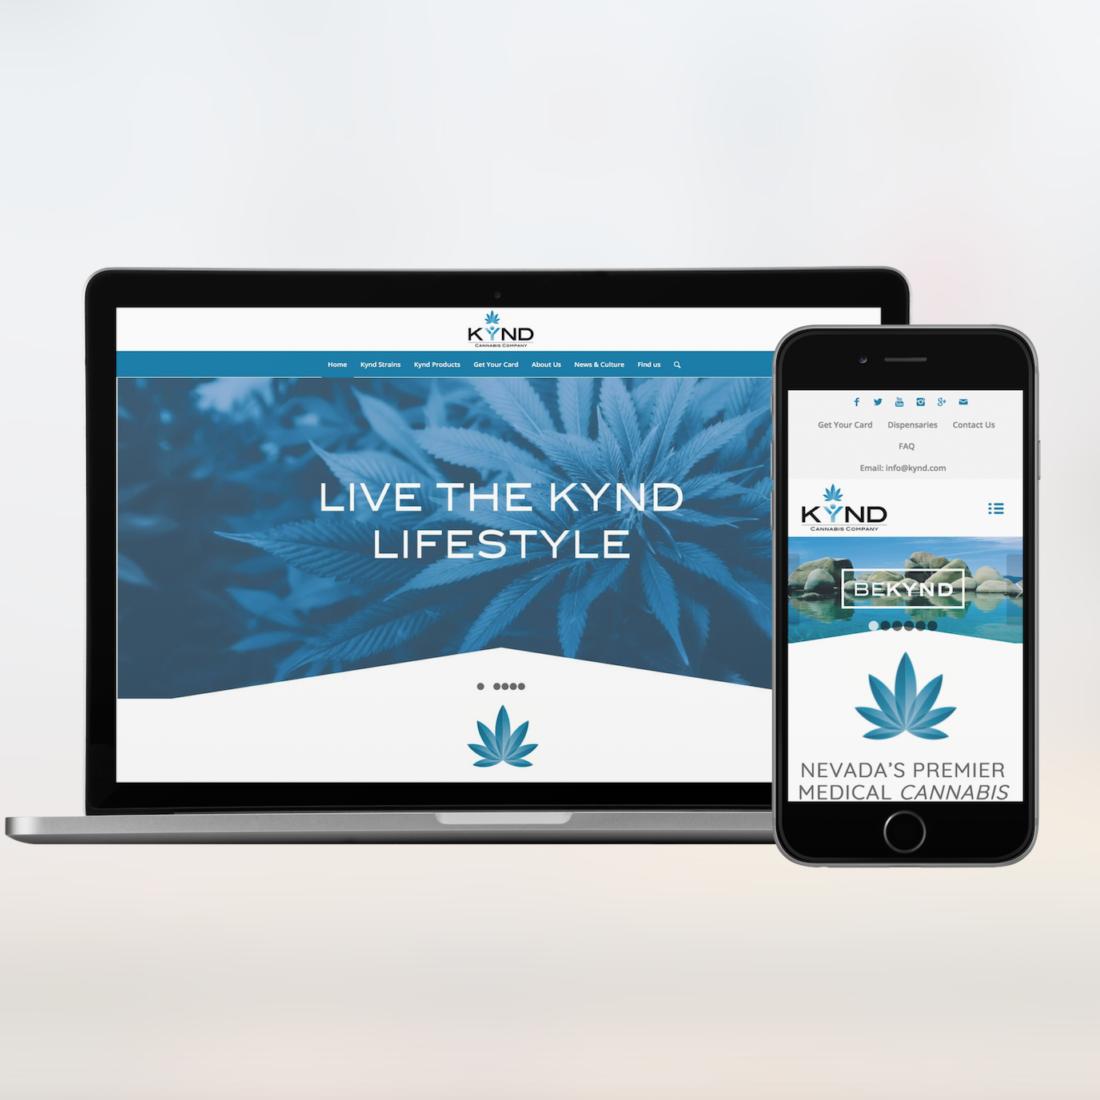 Kynd Cannabis Website